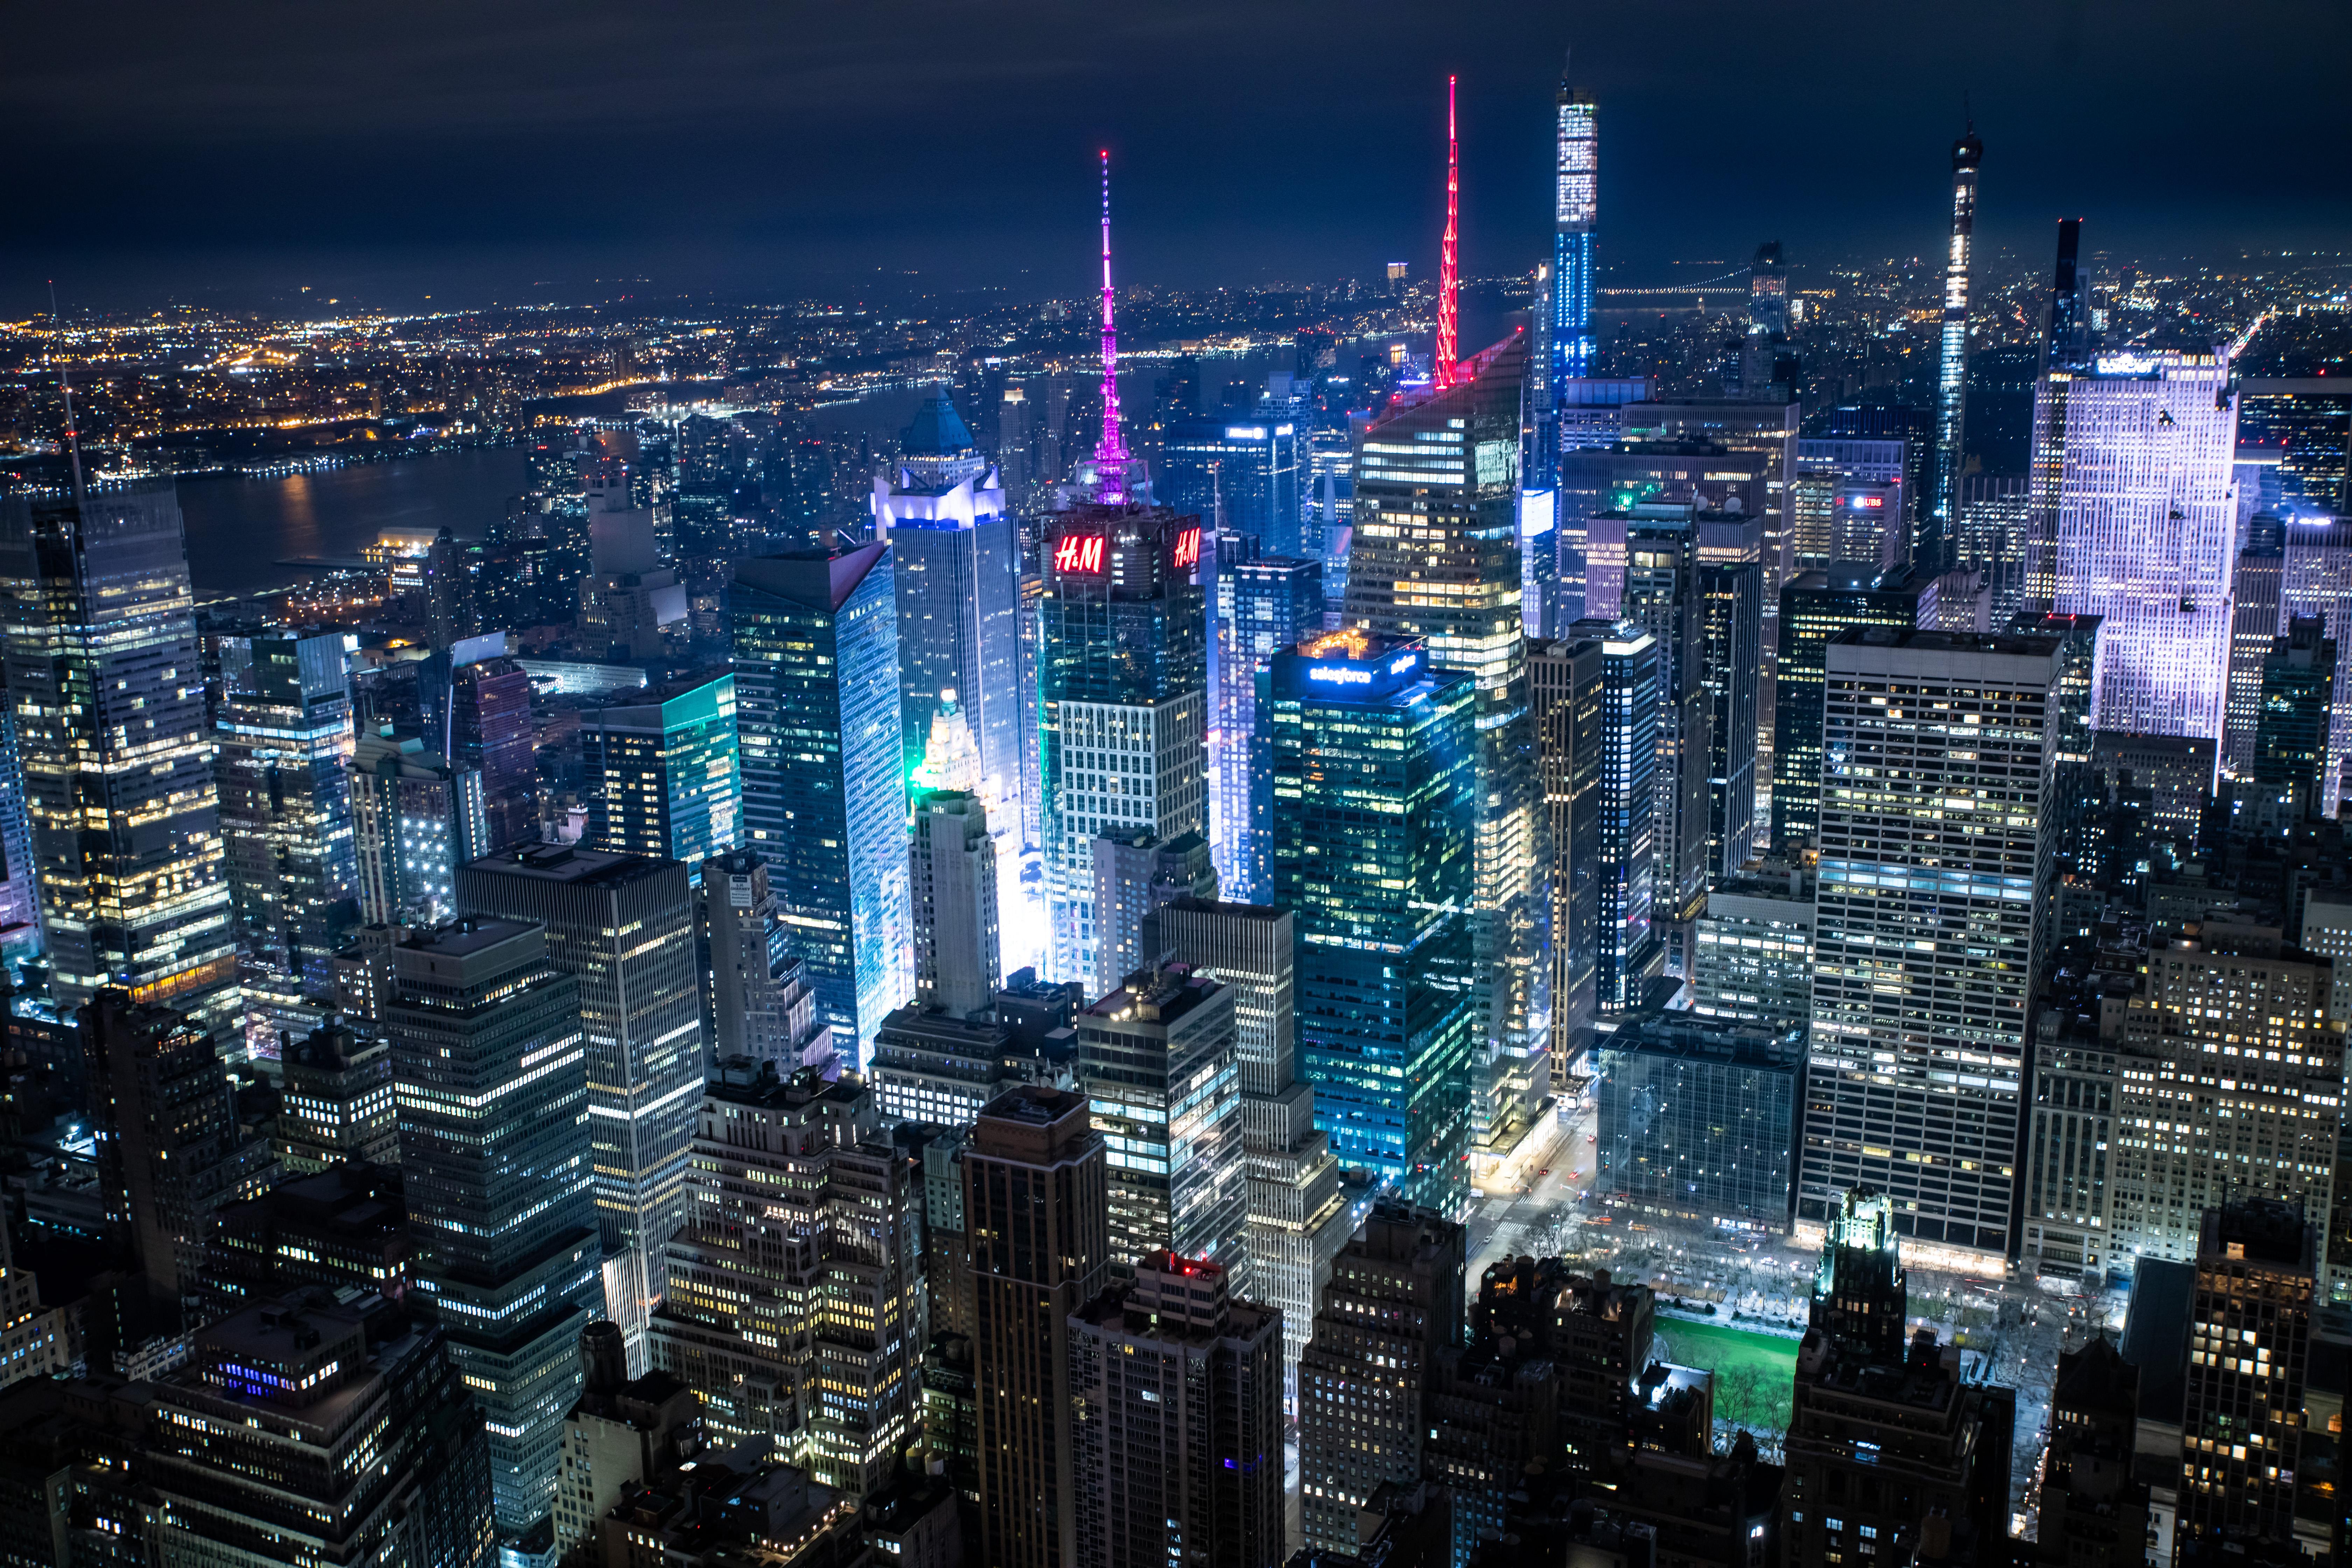 近未来的に映るニューヨークの夜景 無料の写真素材はフリー素材のぱくたそ